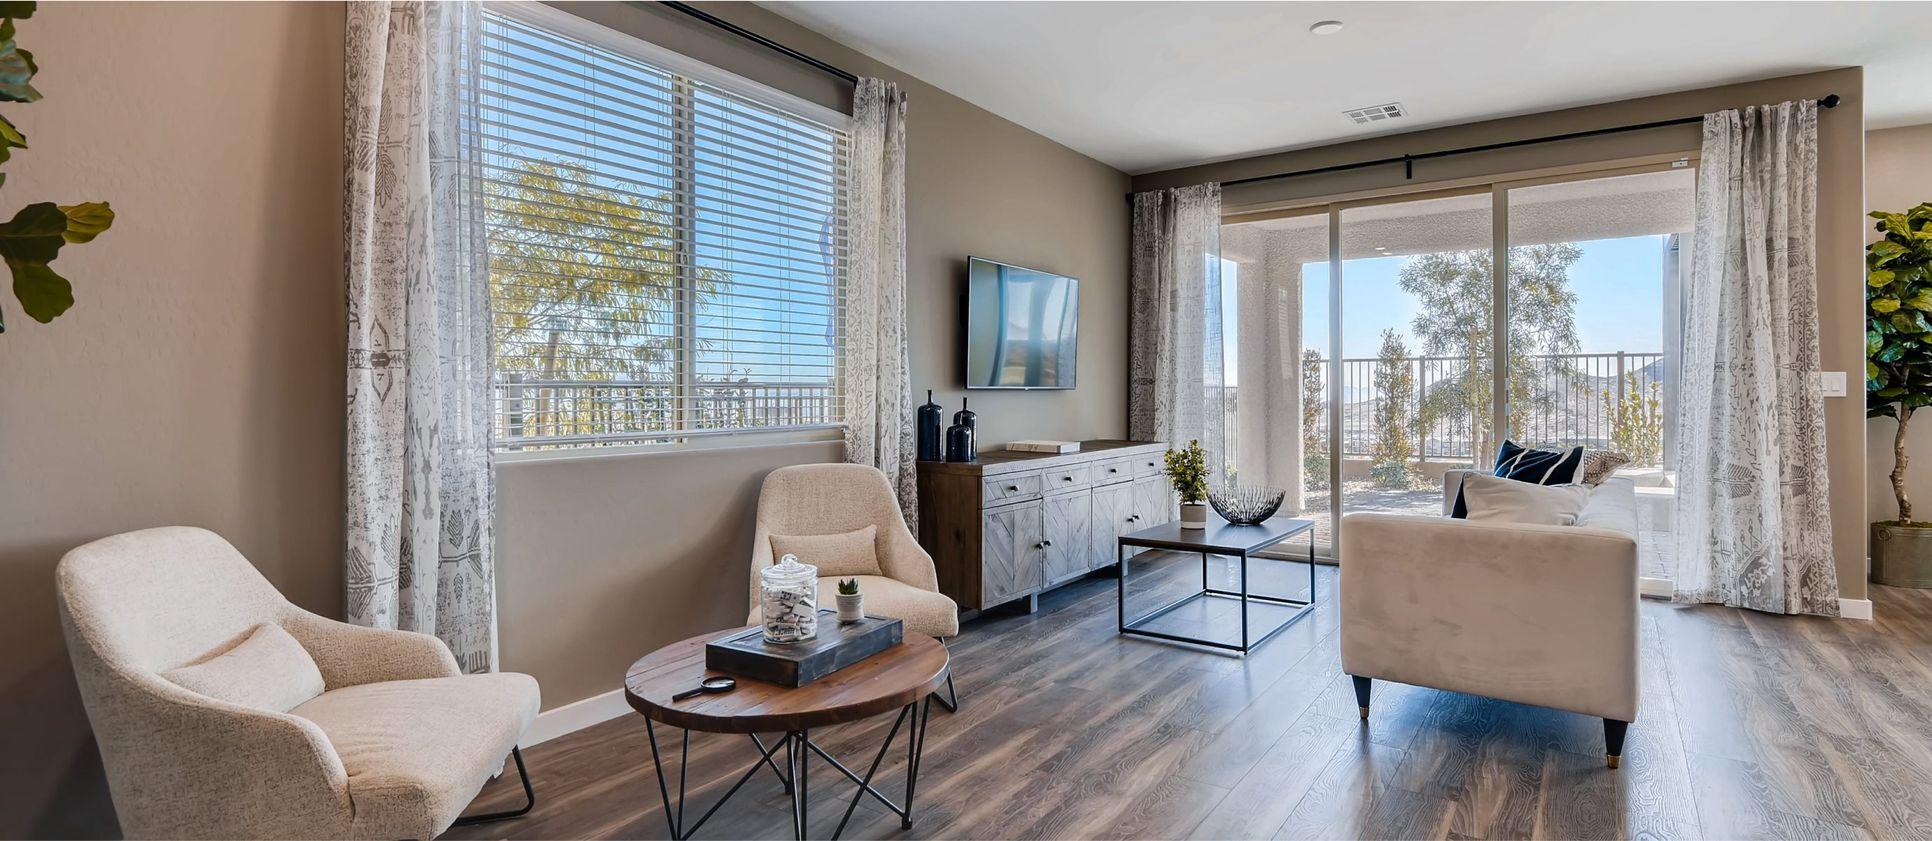 Summerlin Westcott Morgan Living Room